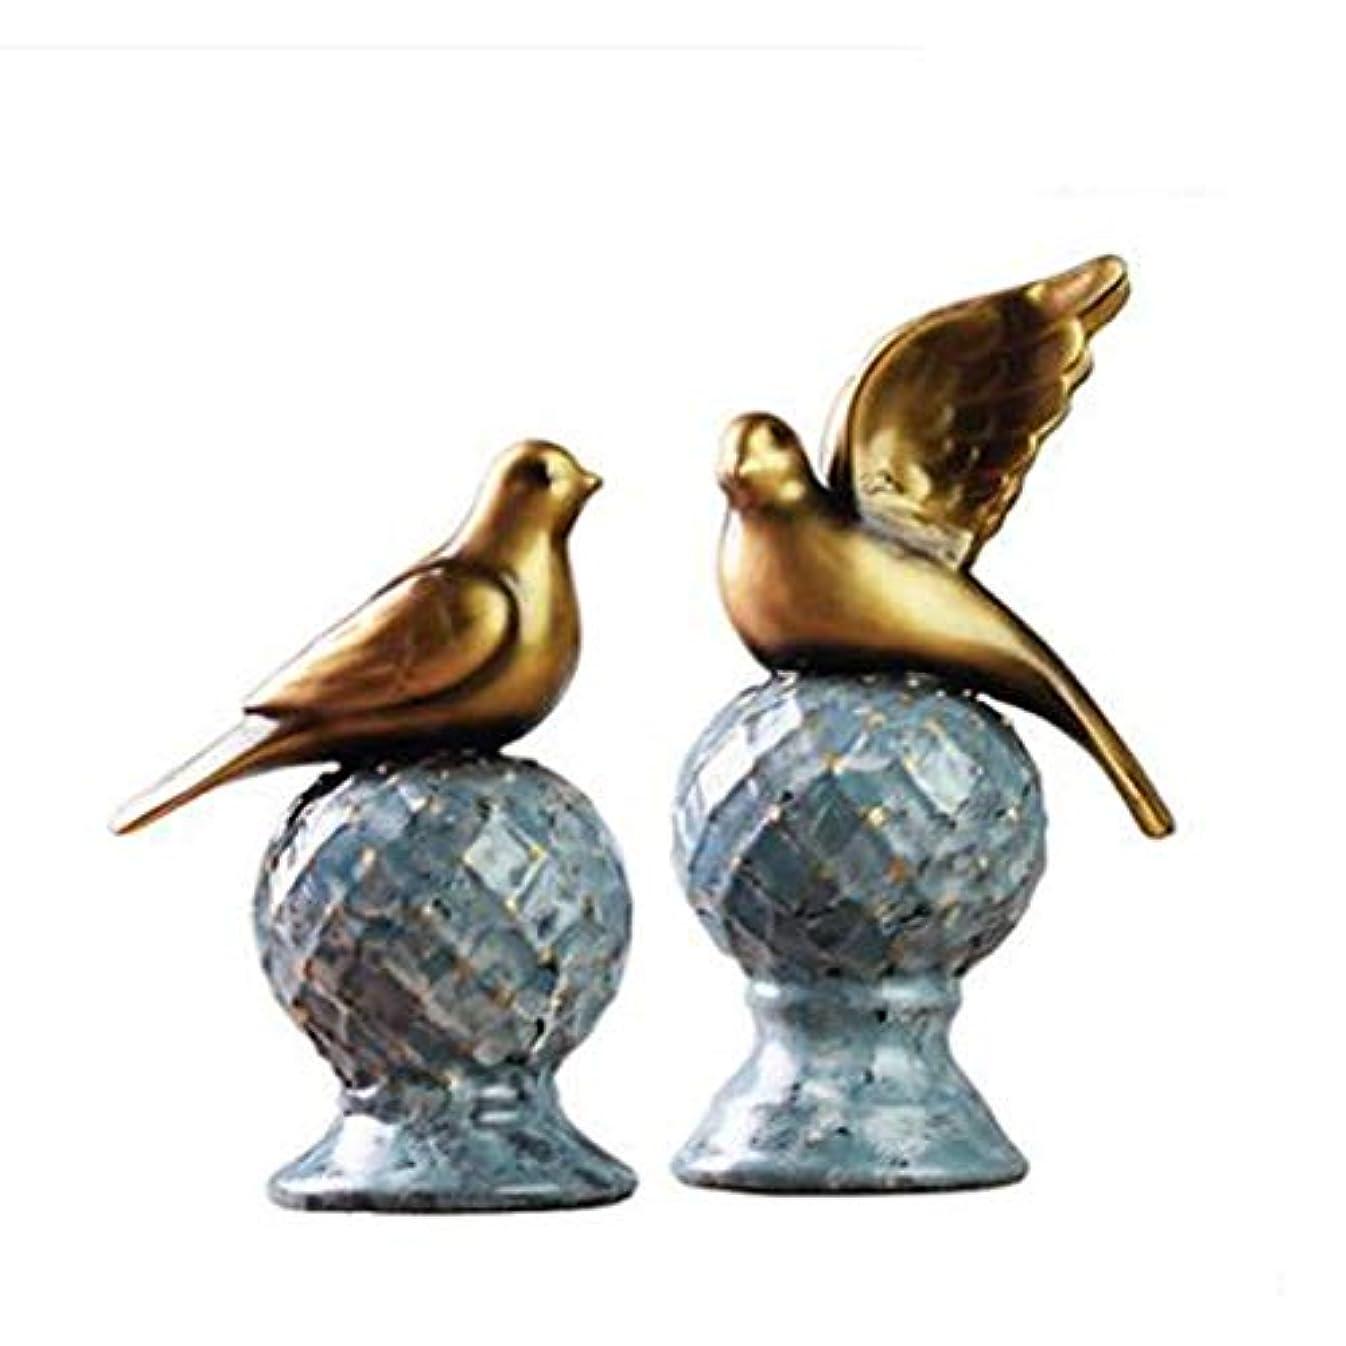 プライム自我米ドルHongyushanghang 装飾品、装飾品、現代ヨーロッパの居間、ポーチ、樹脂工芸品、アメリカのテレビキャビネット、鳥の陳列,、ジュエリークリエイティブホリデーギフトを掛ける (Color : Gold)